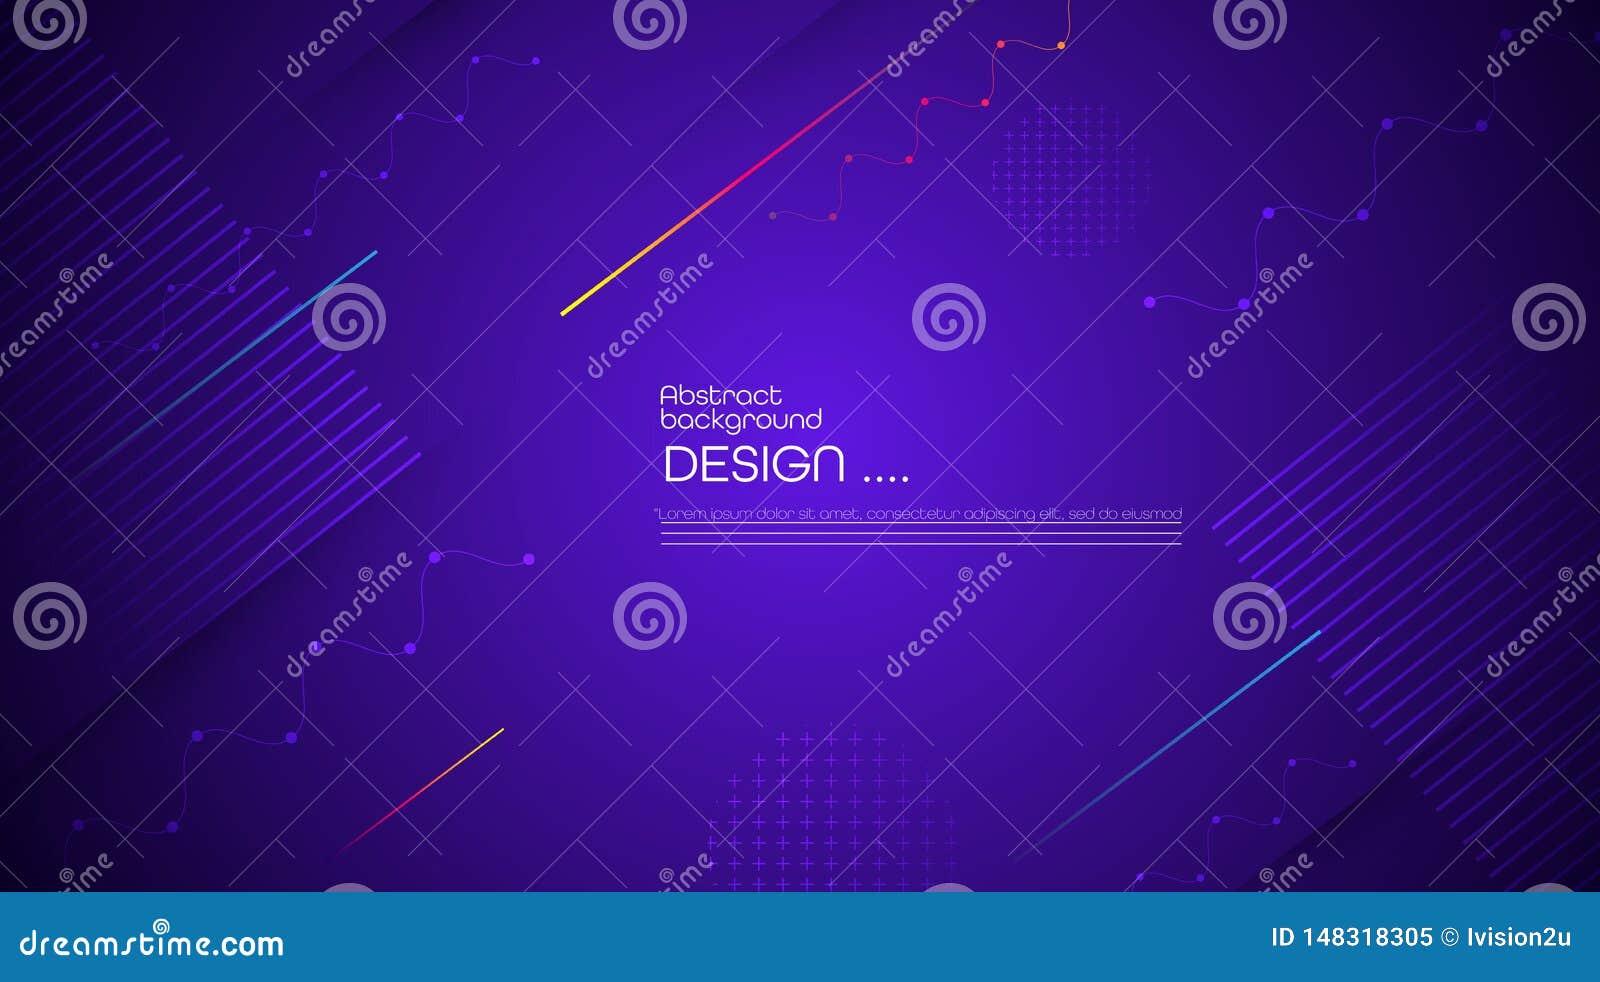 График вектора современный, минимальные элементы дизайна для фона, шаблона, плаката, обоев, летчика, плана